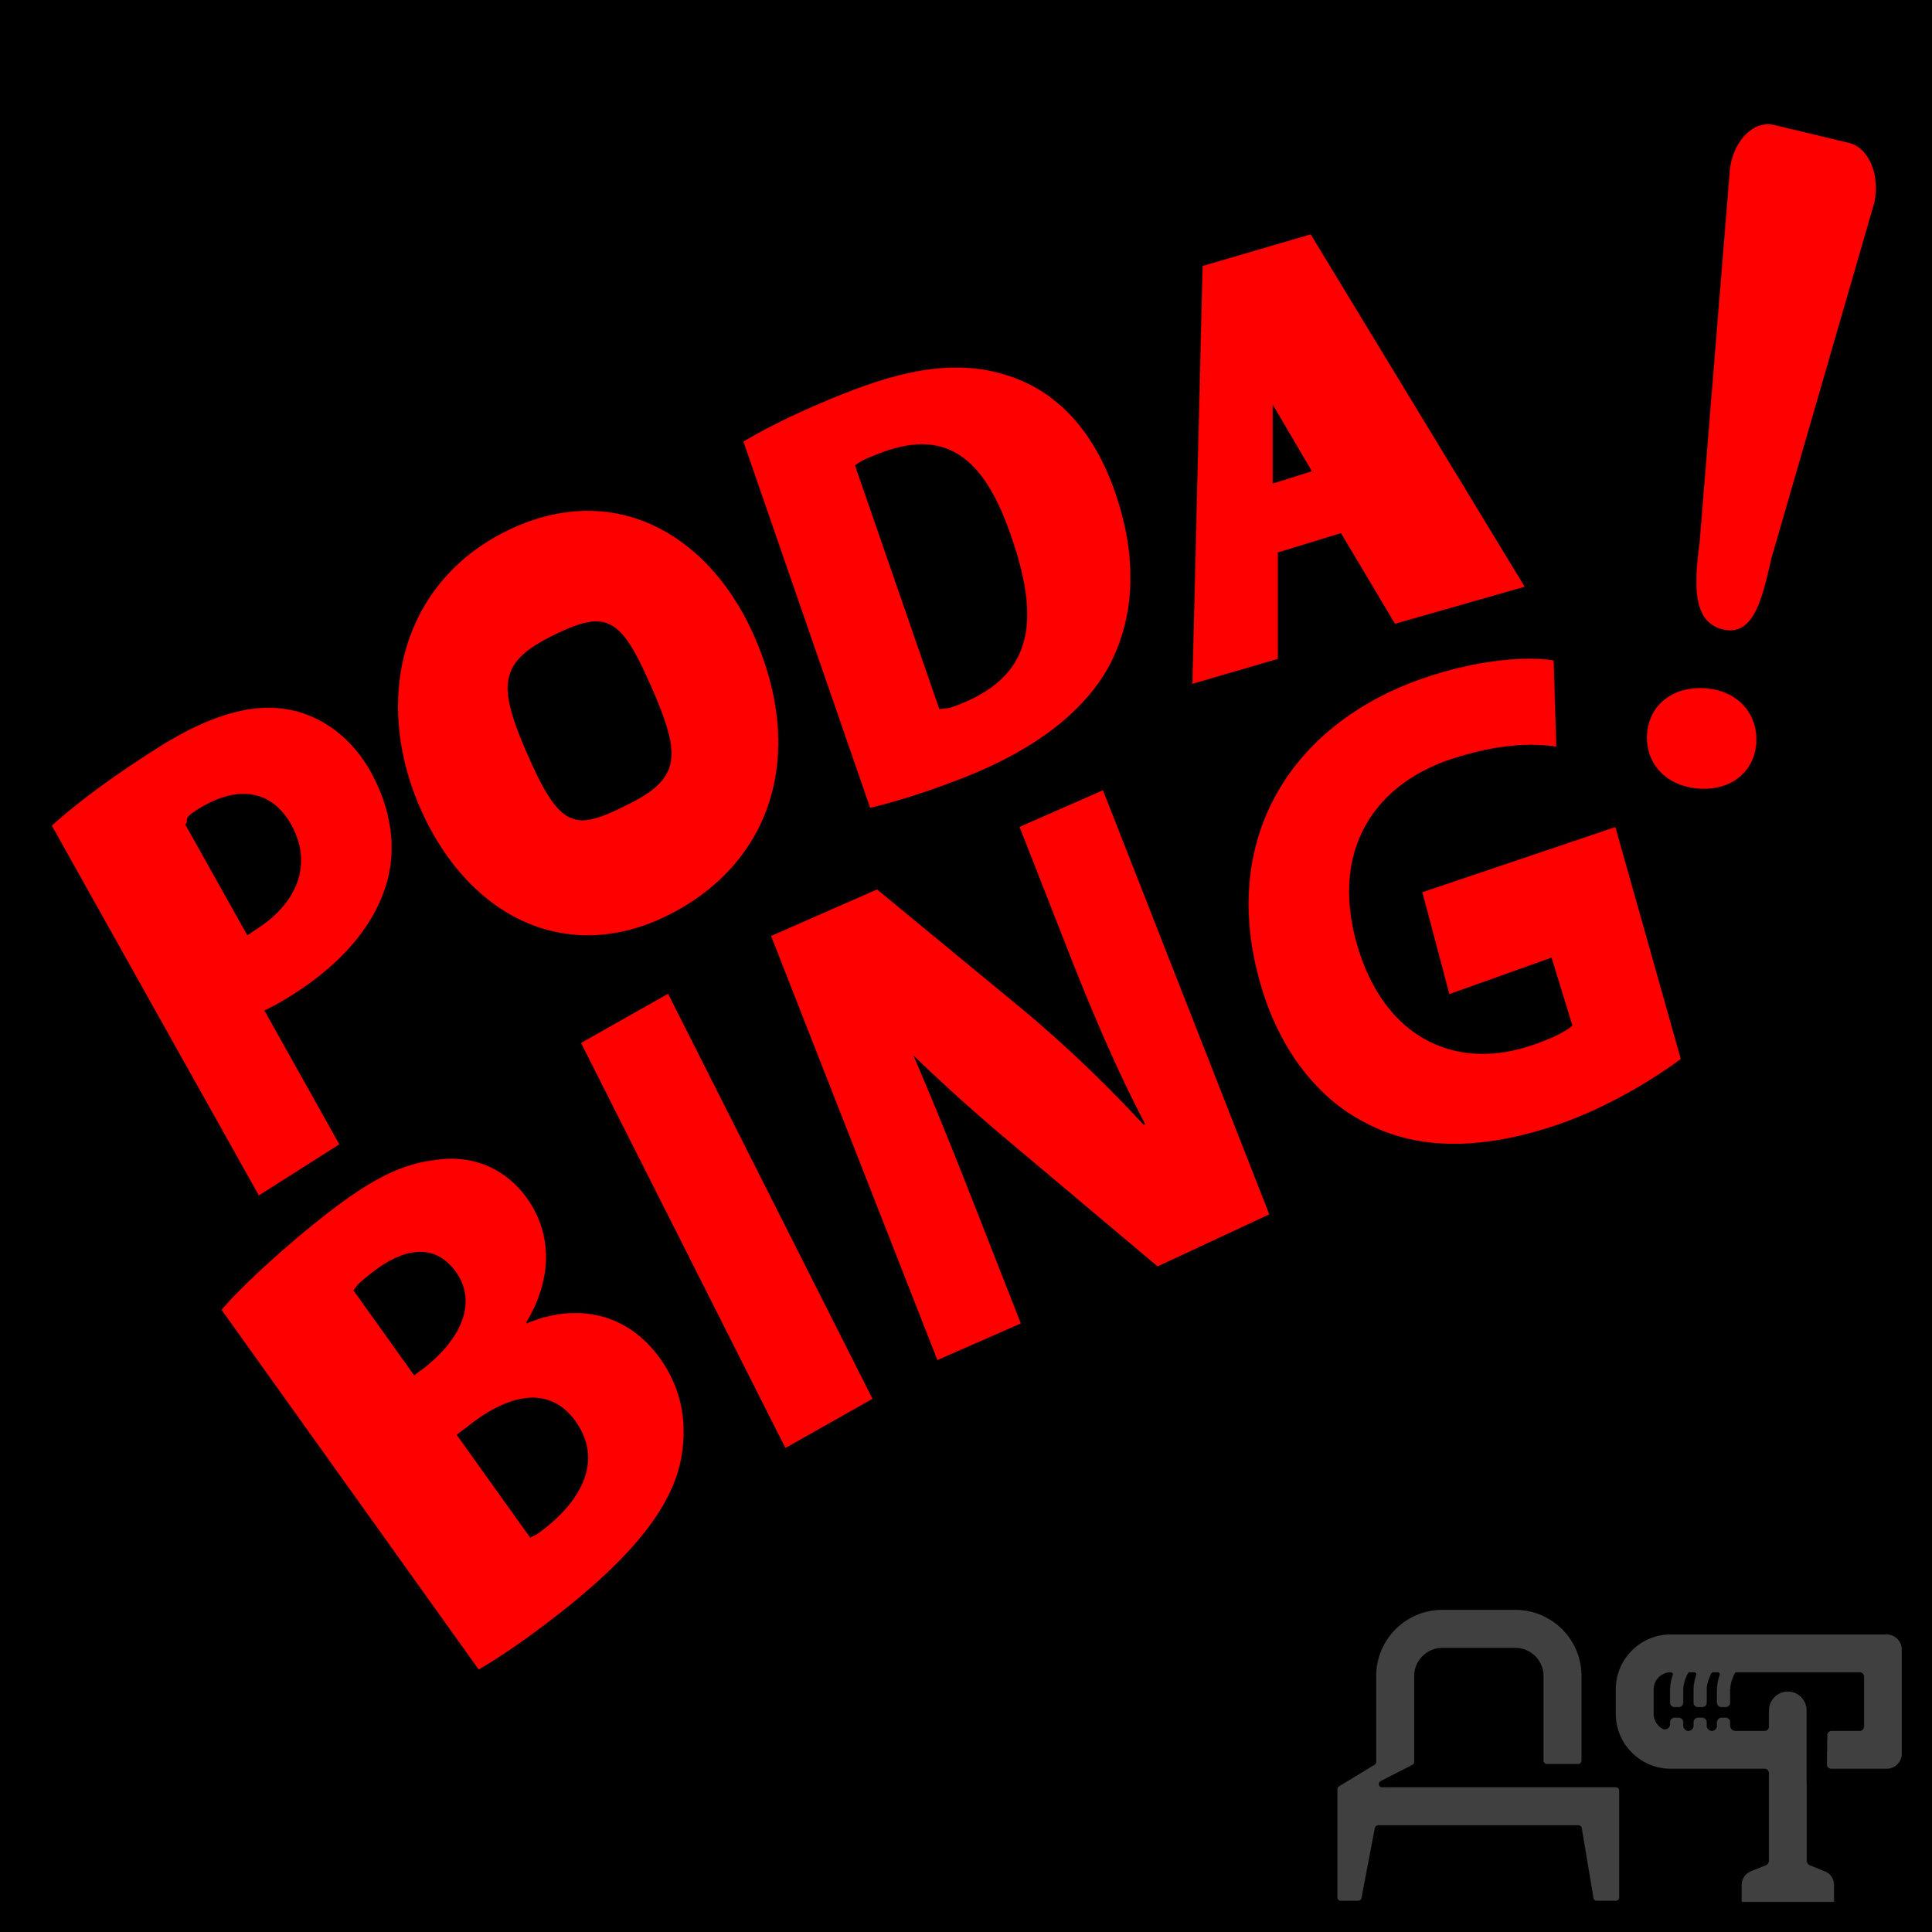 podabingfinal20biggerblack-01.jpg